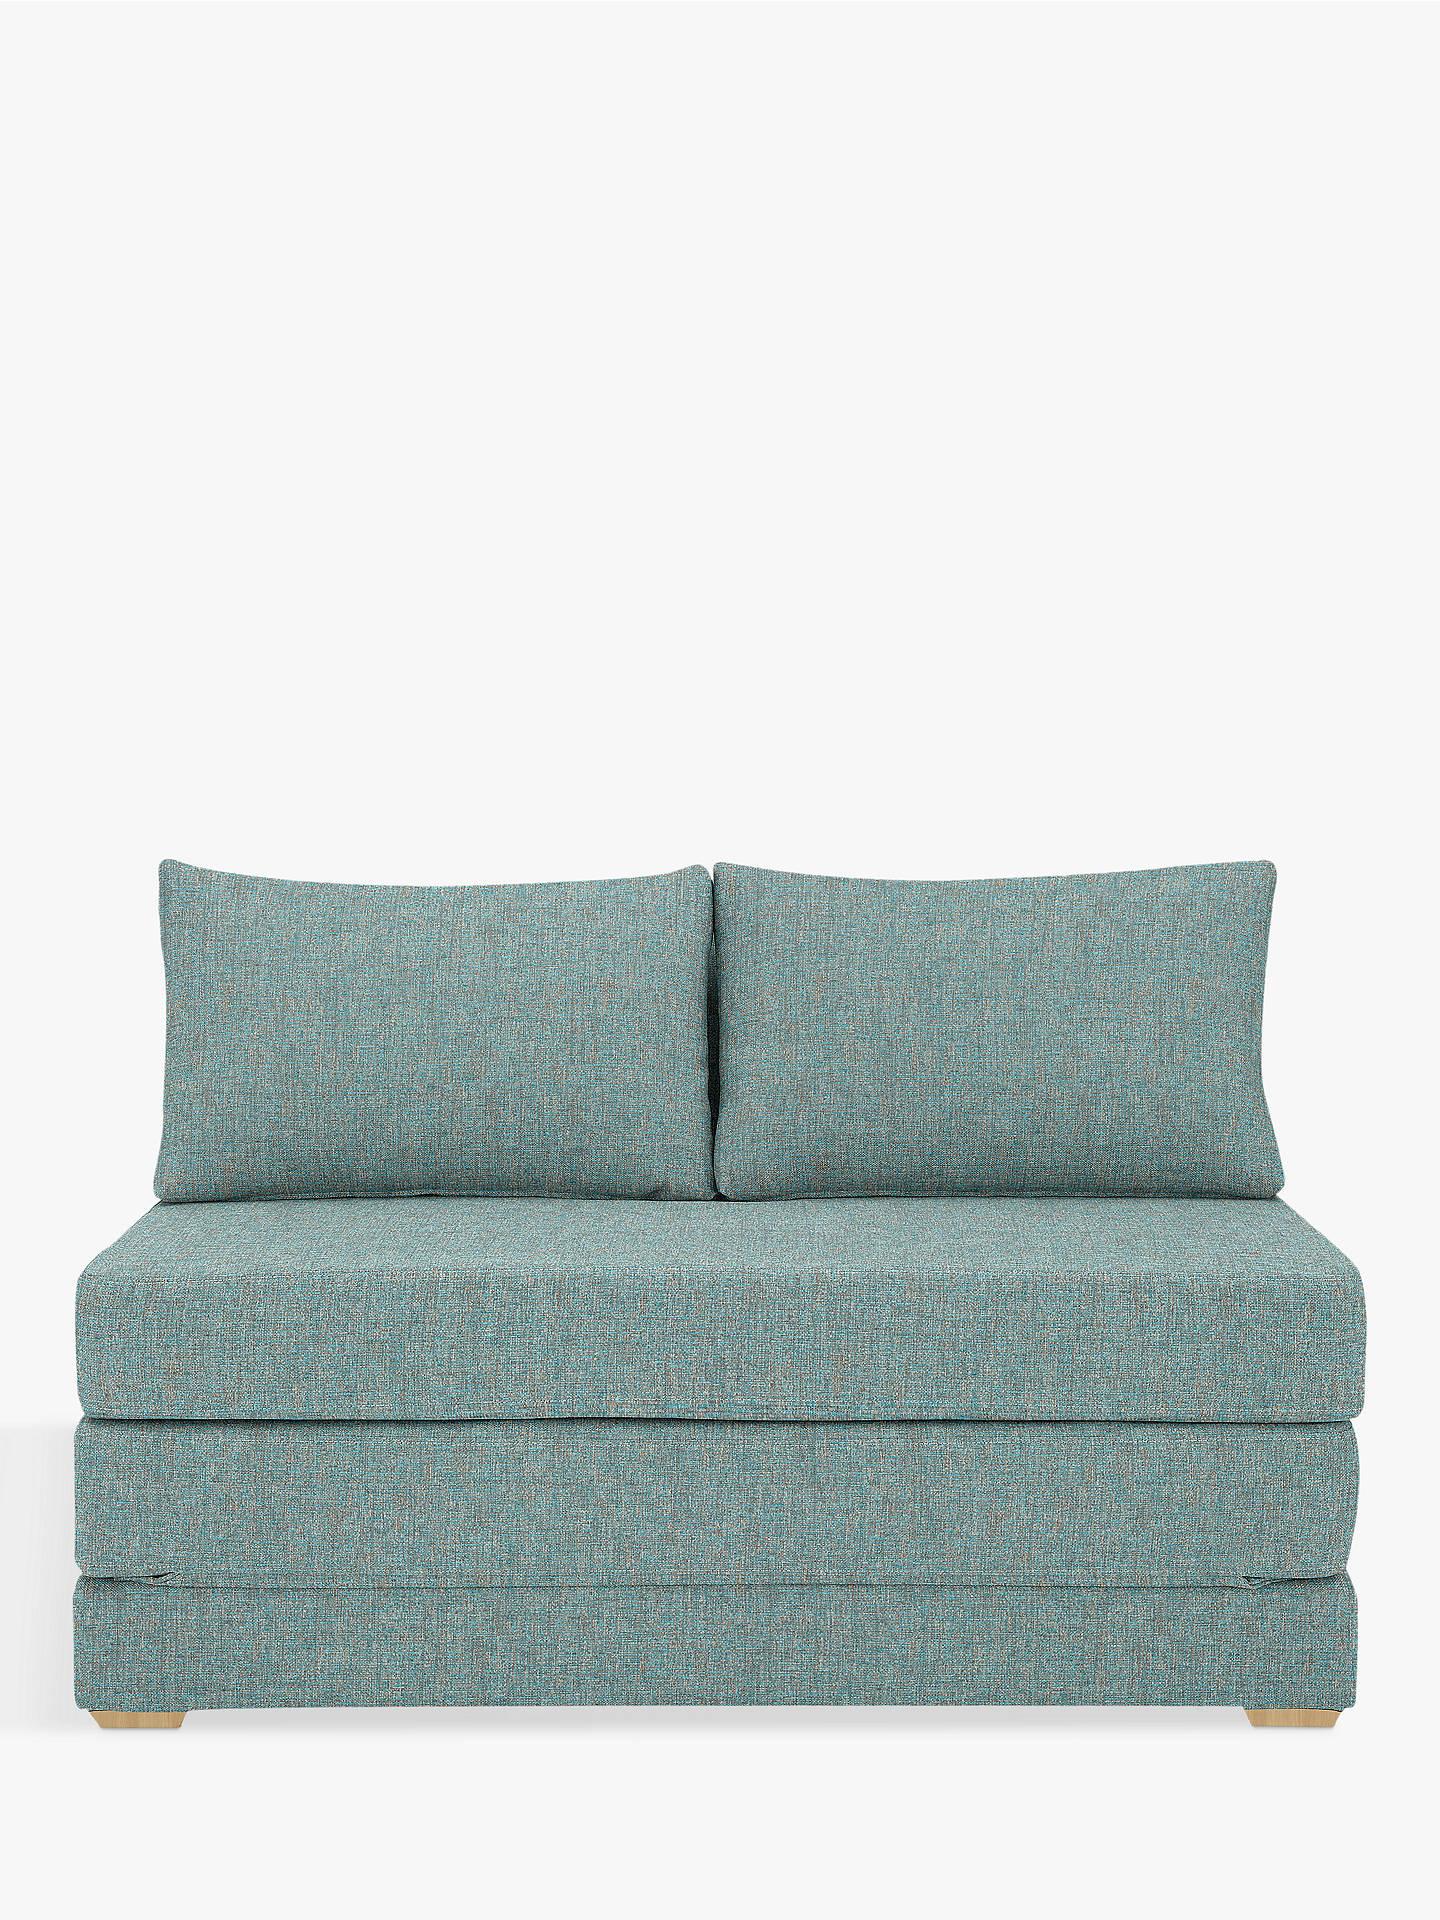 Sofa Bed Small Double Empirelimitedco